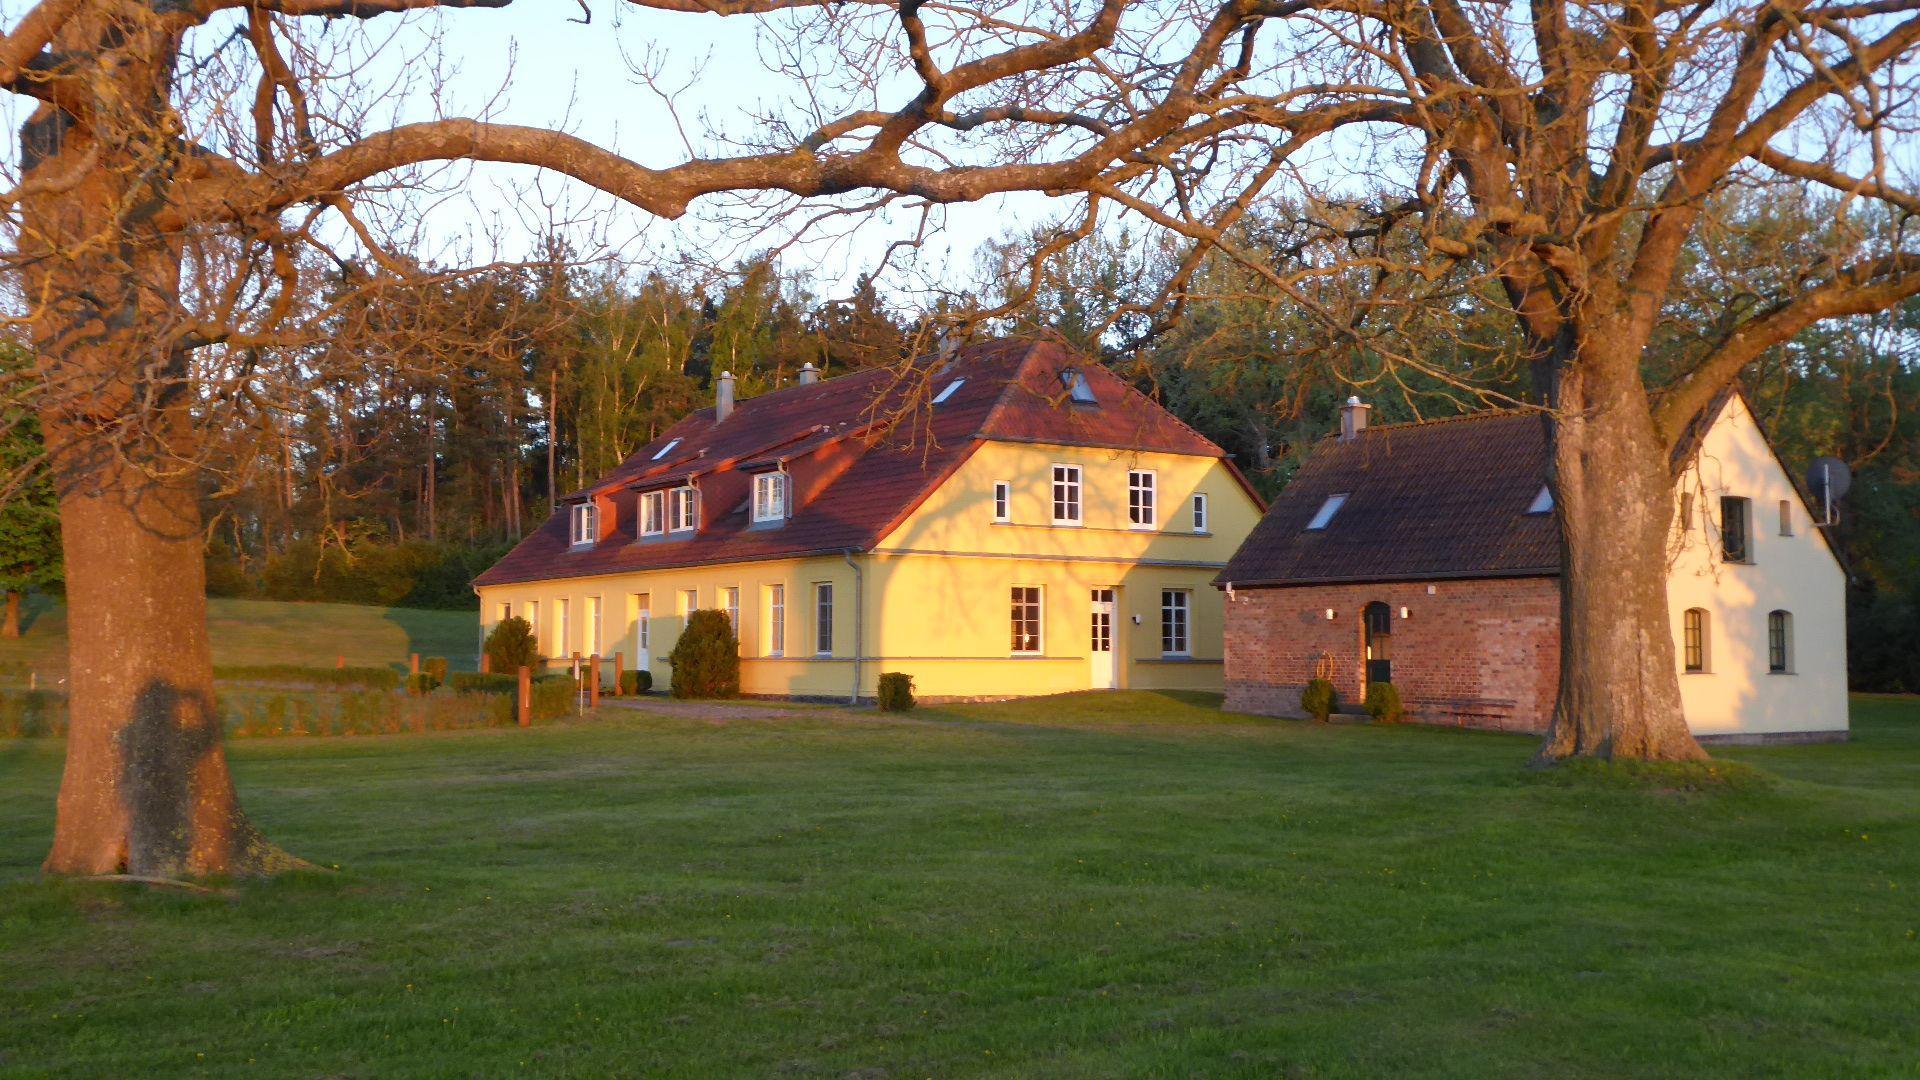 Ferienwohnung für 4 Personen ca. 93 m² i Besondere Immobilie